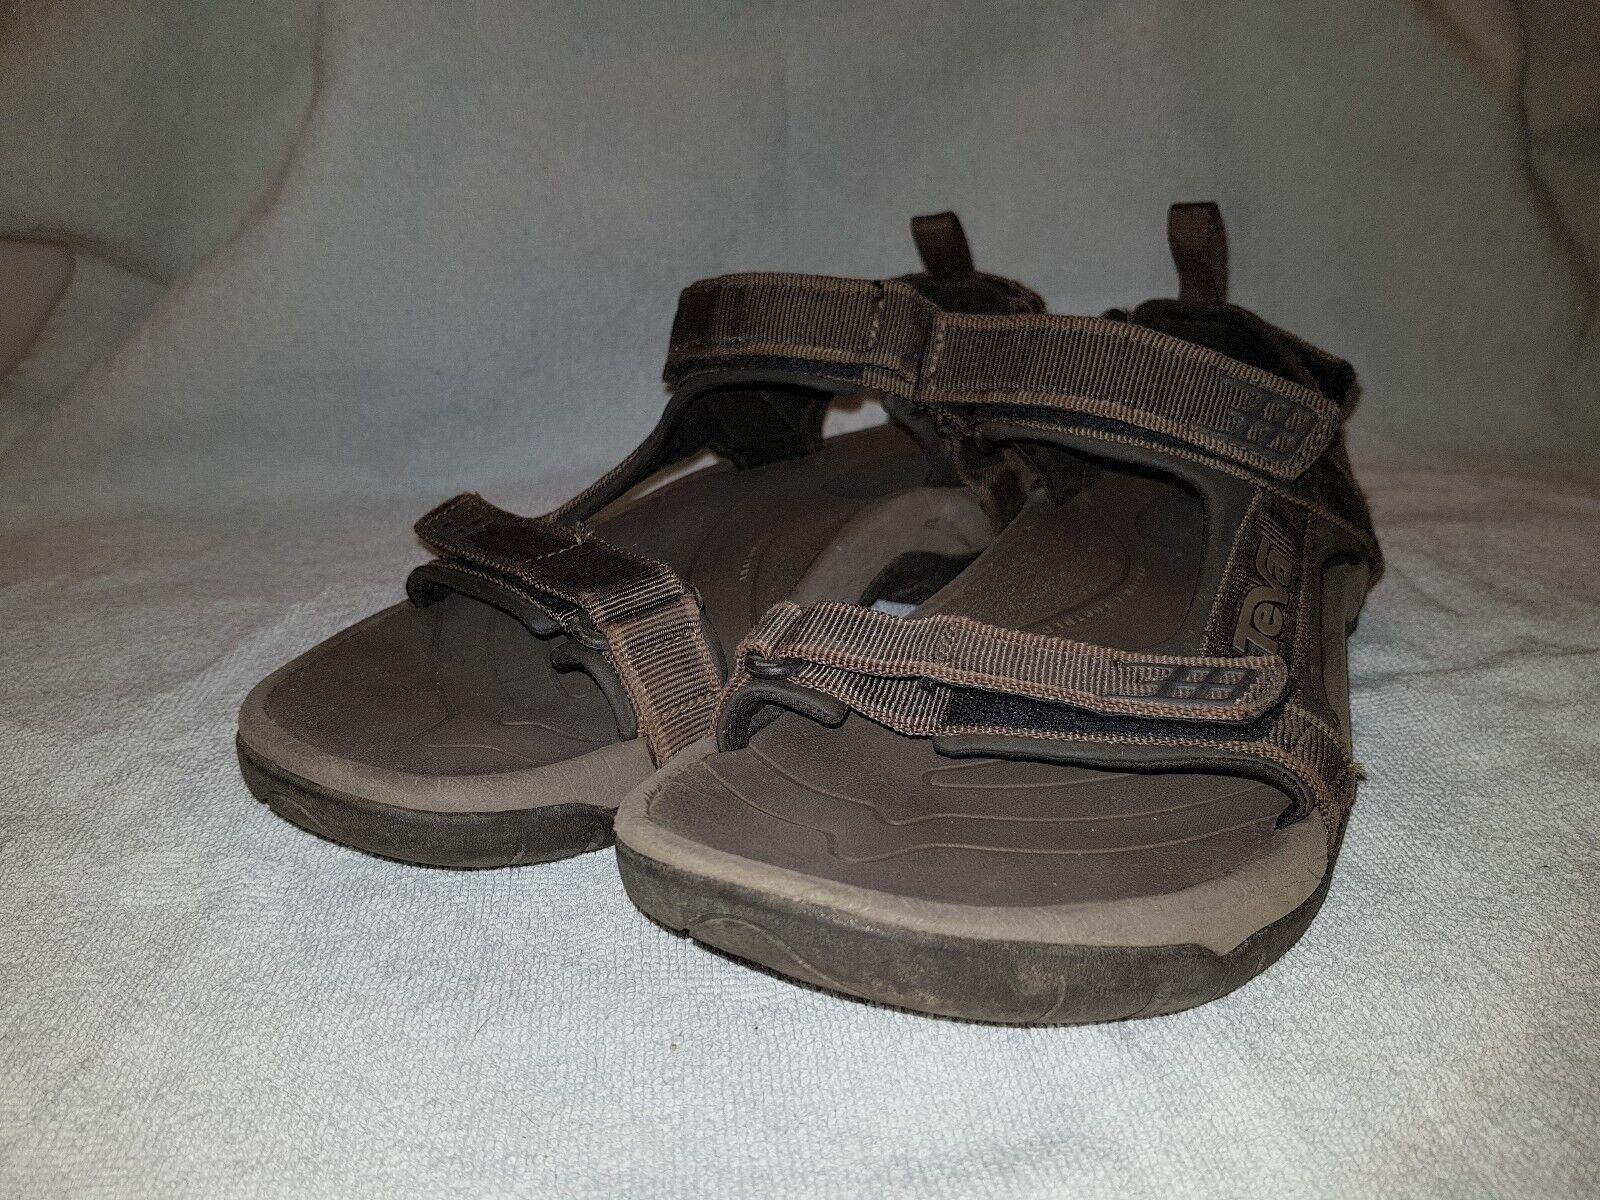 TEVA Tanza Braun Herren Sandale US8 EU40,5 EU40,5 EU40,5  Marken online billig verkaufen